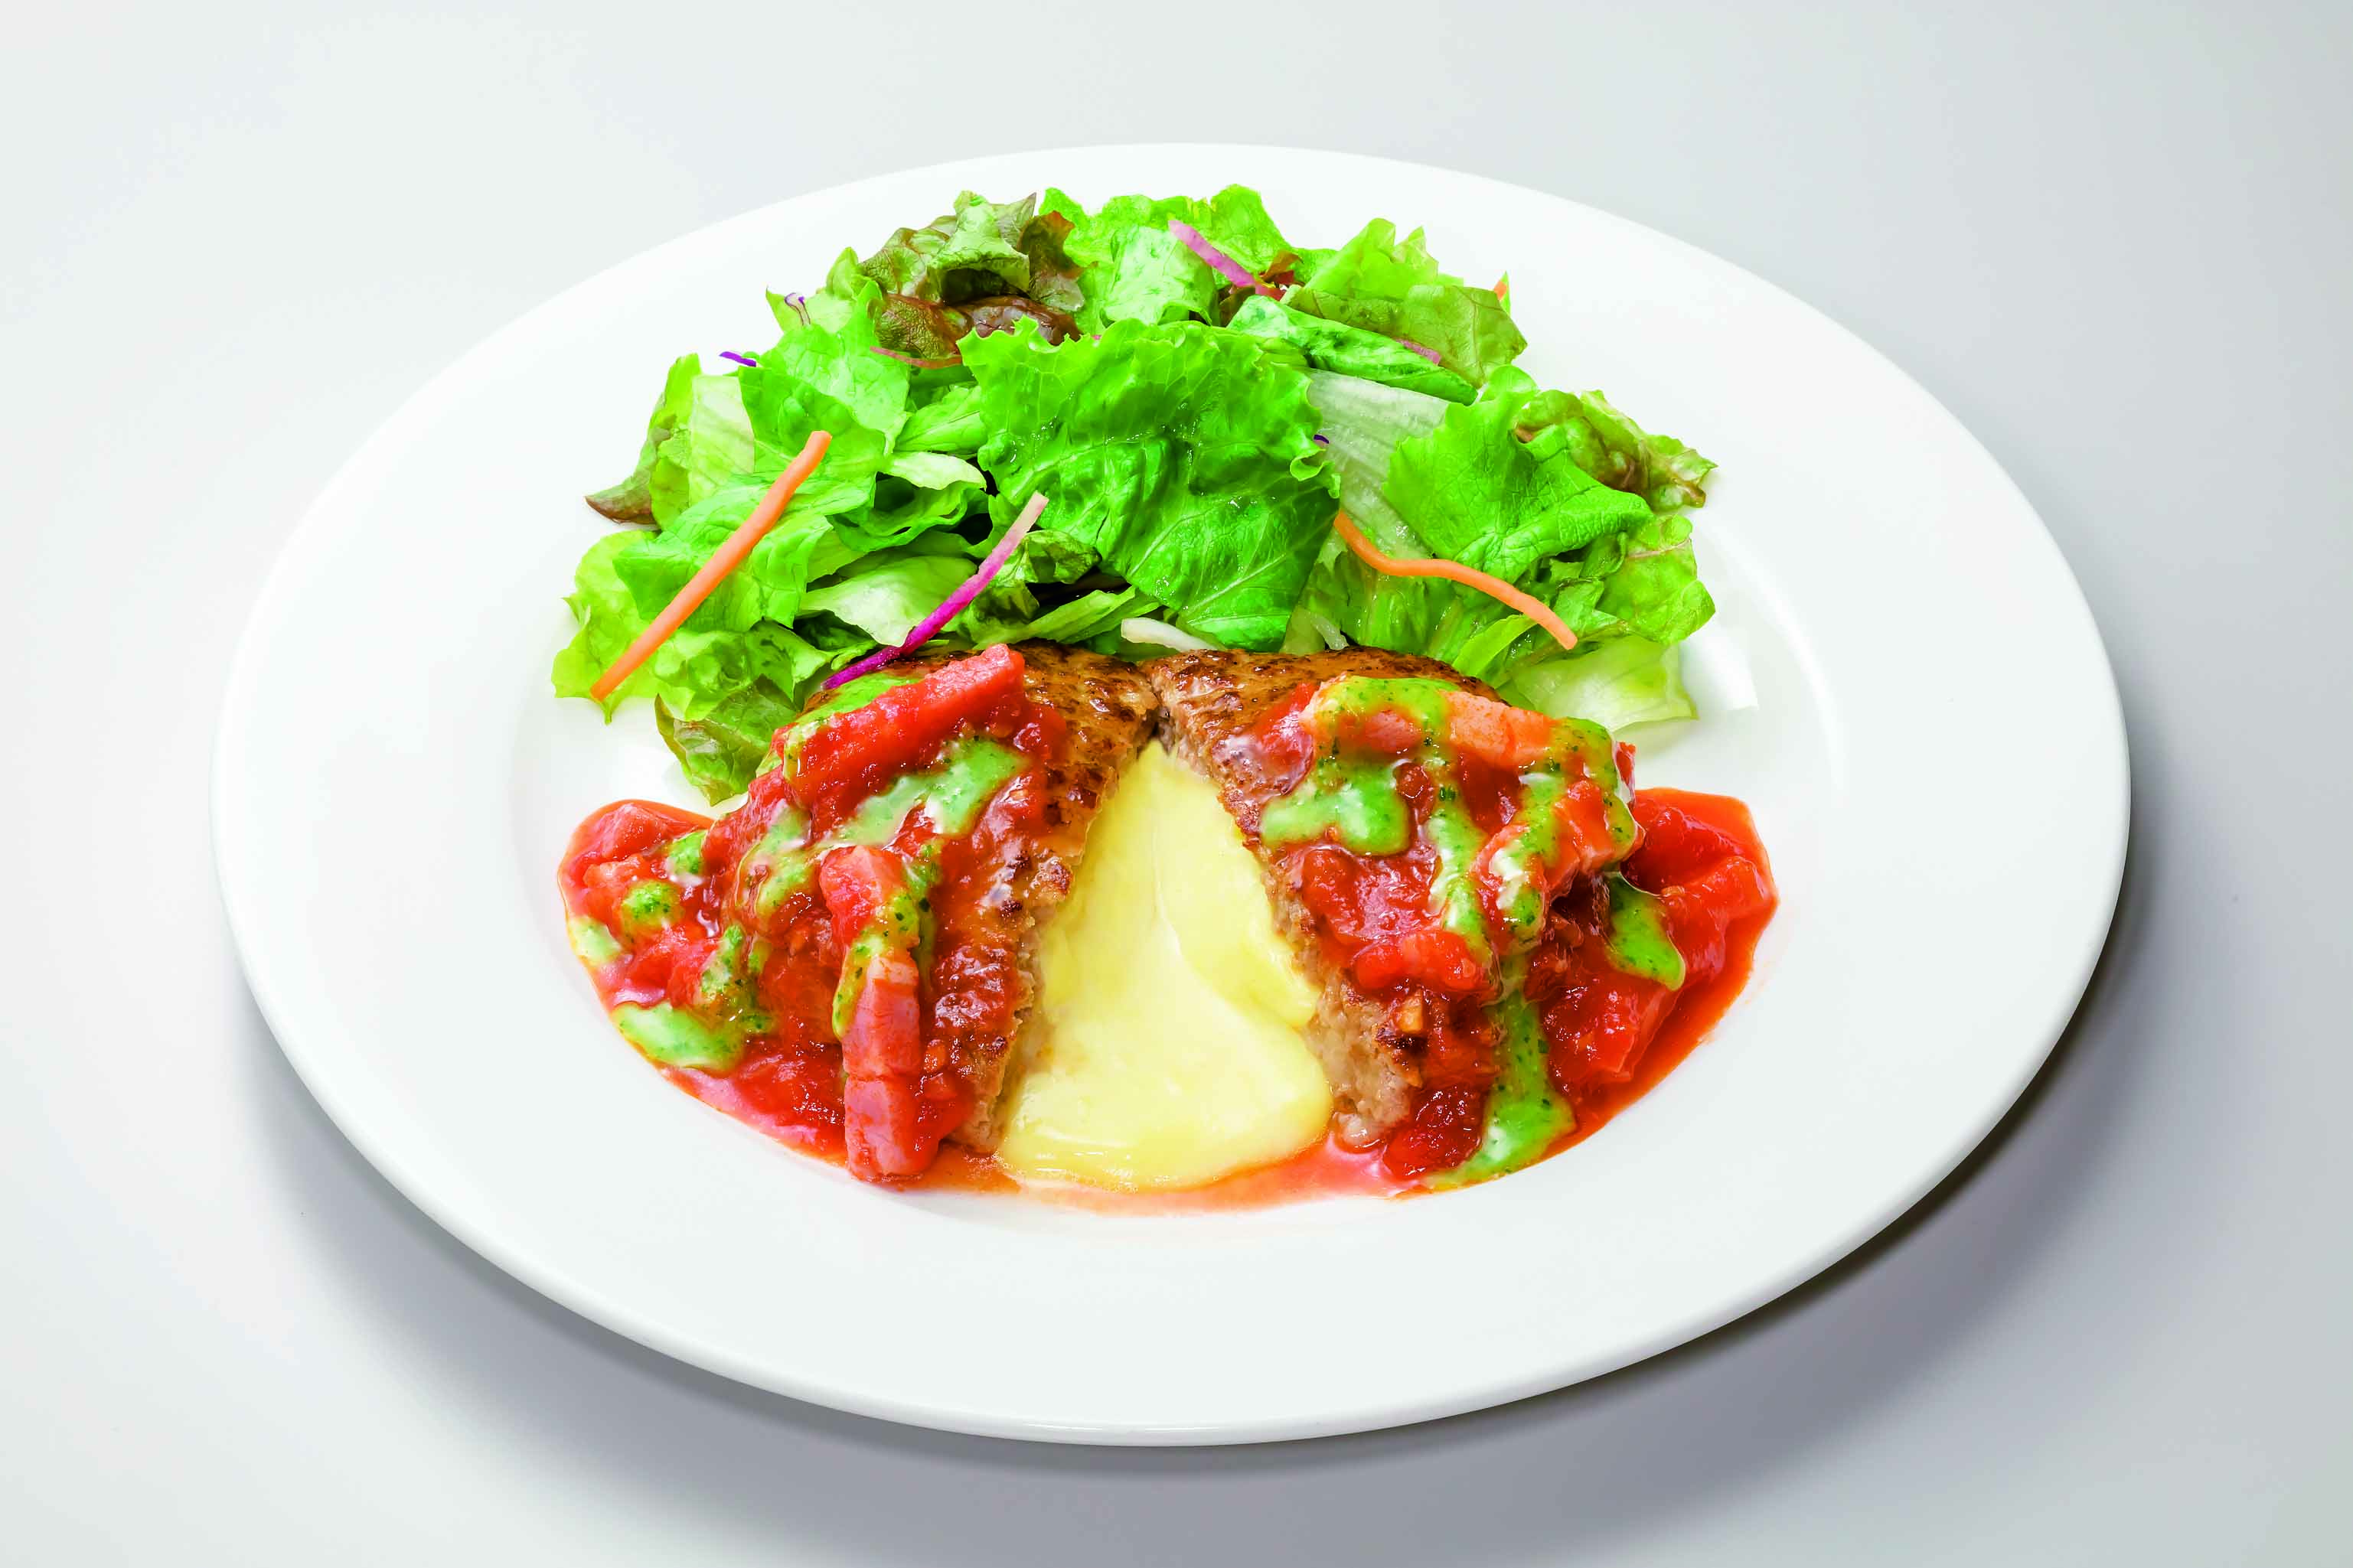 ガスト トマトとバジルのイタリアンチーズインハンバーグ